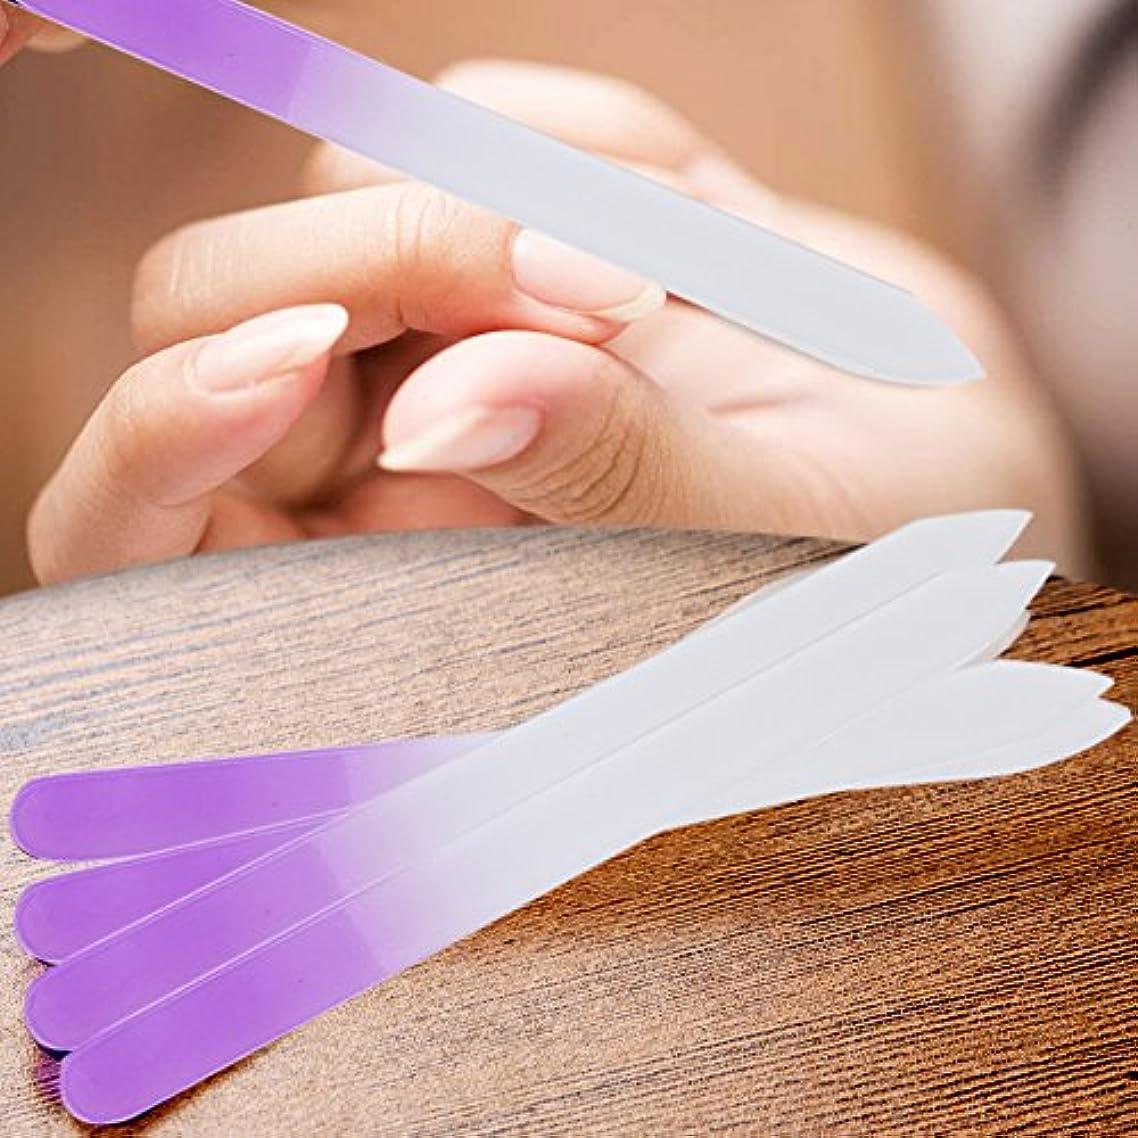 決定繰り返す欠席Demiawaking 爪ヤスリ ガラスネイルファイル 両面 爪やすり 爪磨き ネイルケア マニキュアファイル 4個組